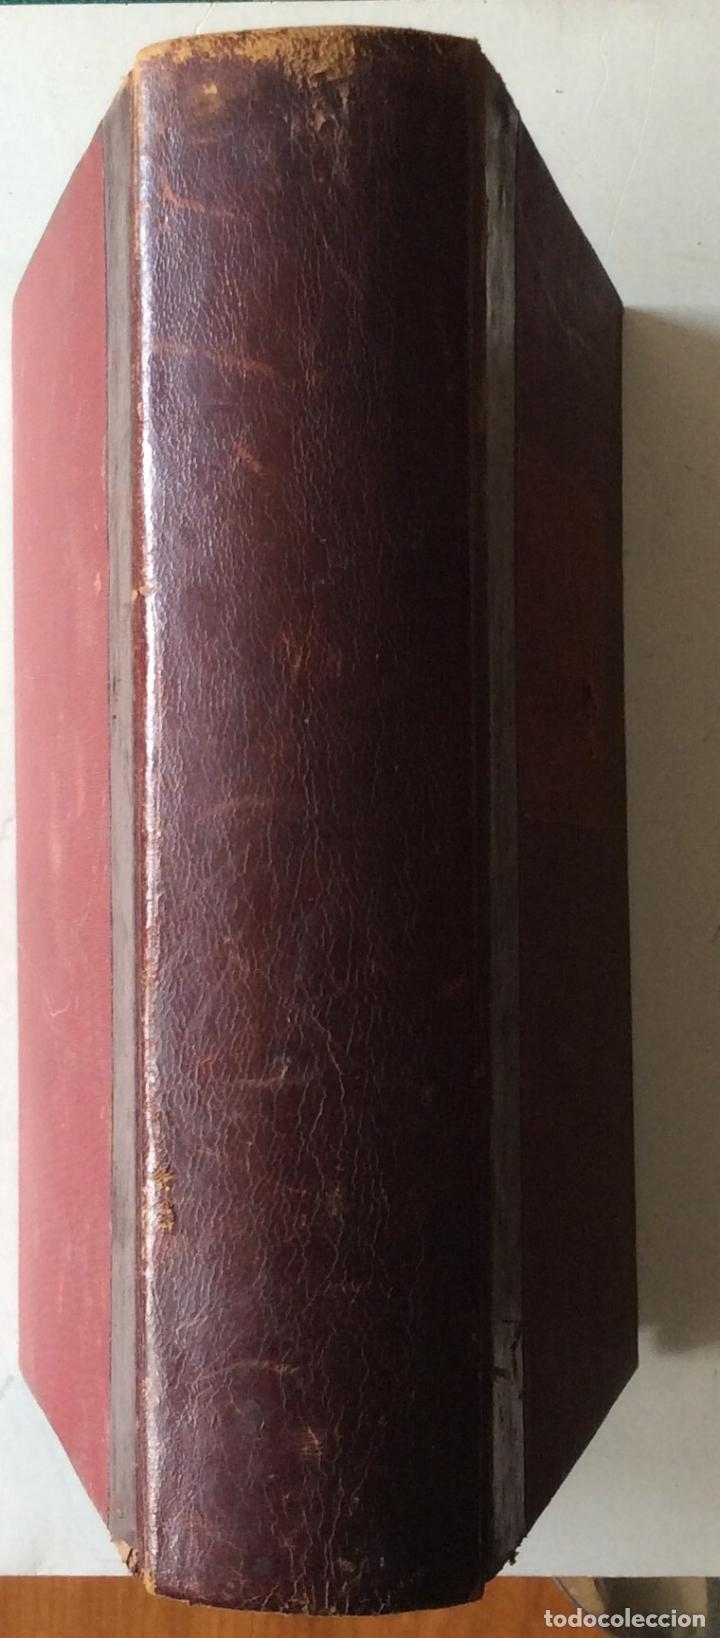 Libros antiguos: La cocina completa. Mestayer de Echagüe (Marquesa de Parabere) 1933 - Foto 2 - 212371068